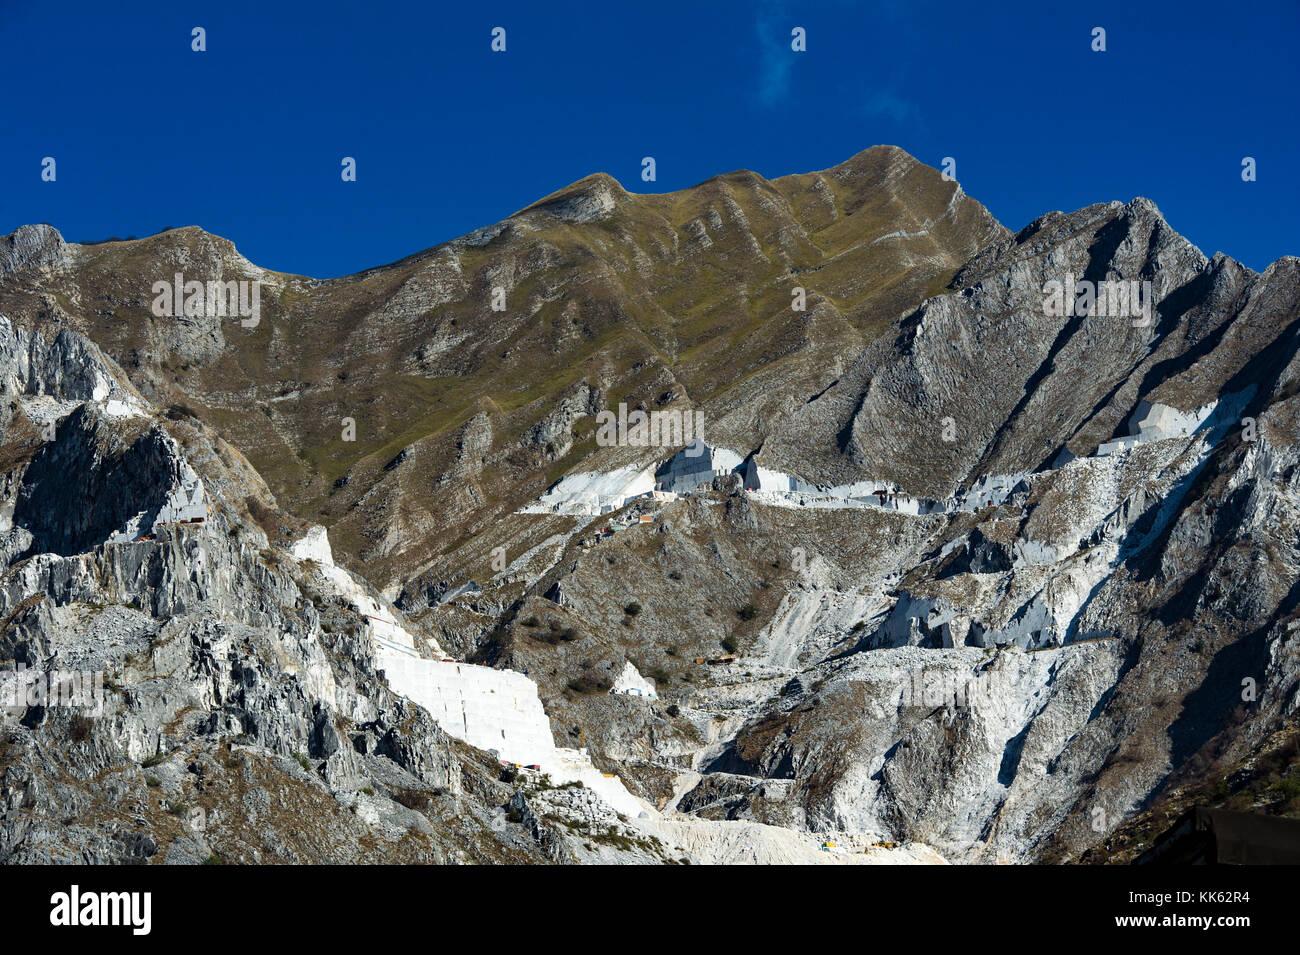 Europe. Italy. Liguria. Carrara. The white marble quarries Stock Photo